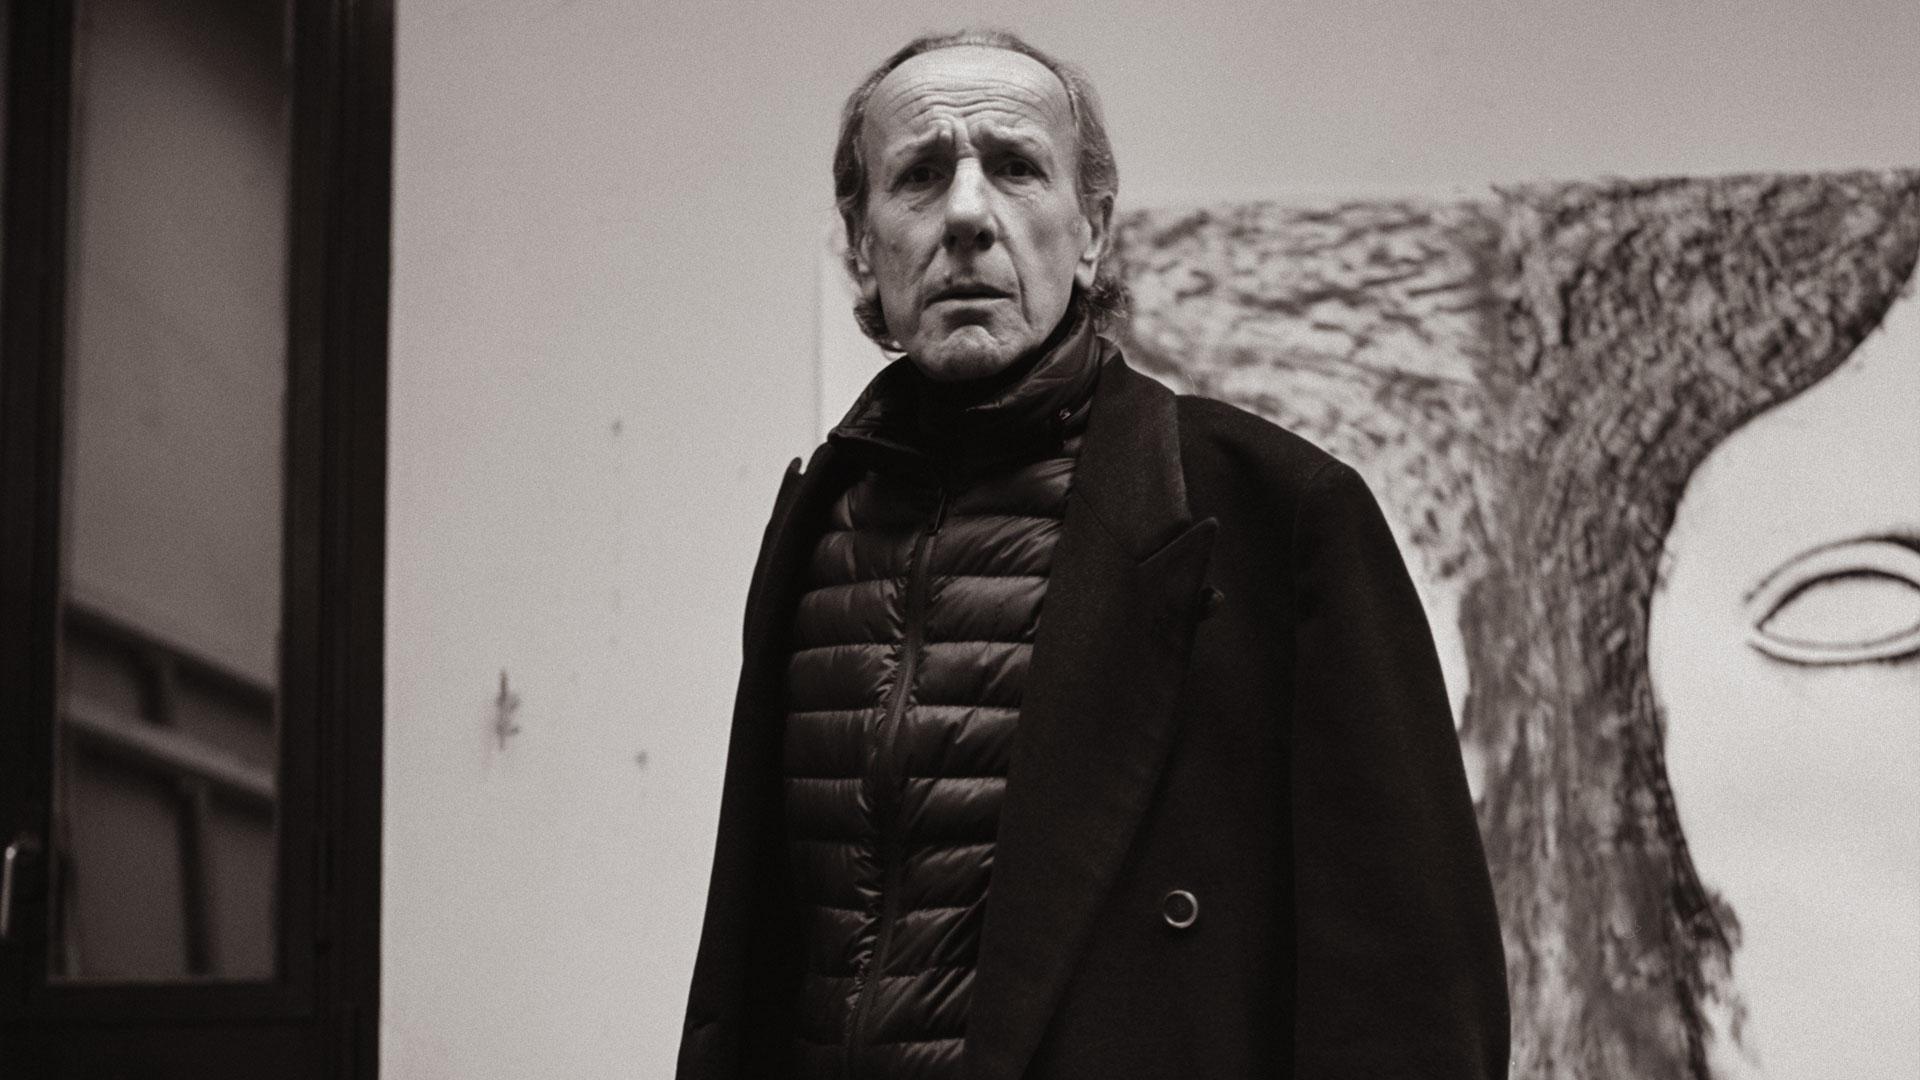 L'arte come evocazione: i disegni postmoderni di Enzo Cucchi in mostra a Roma